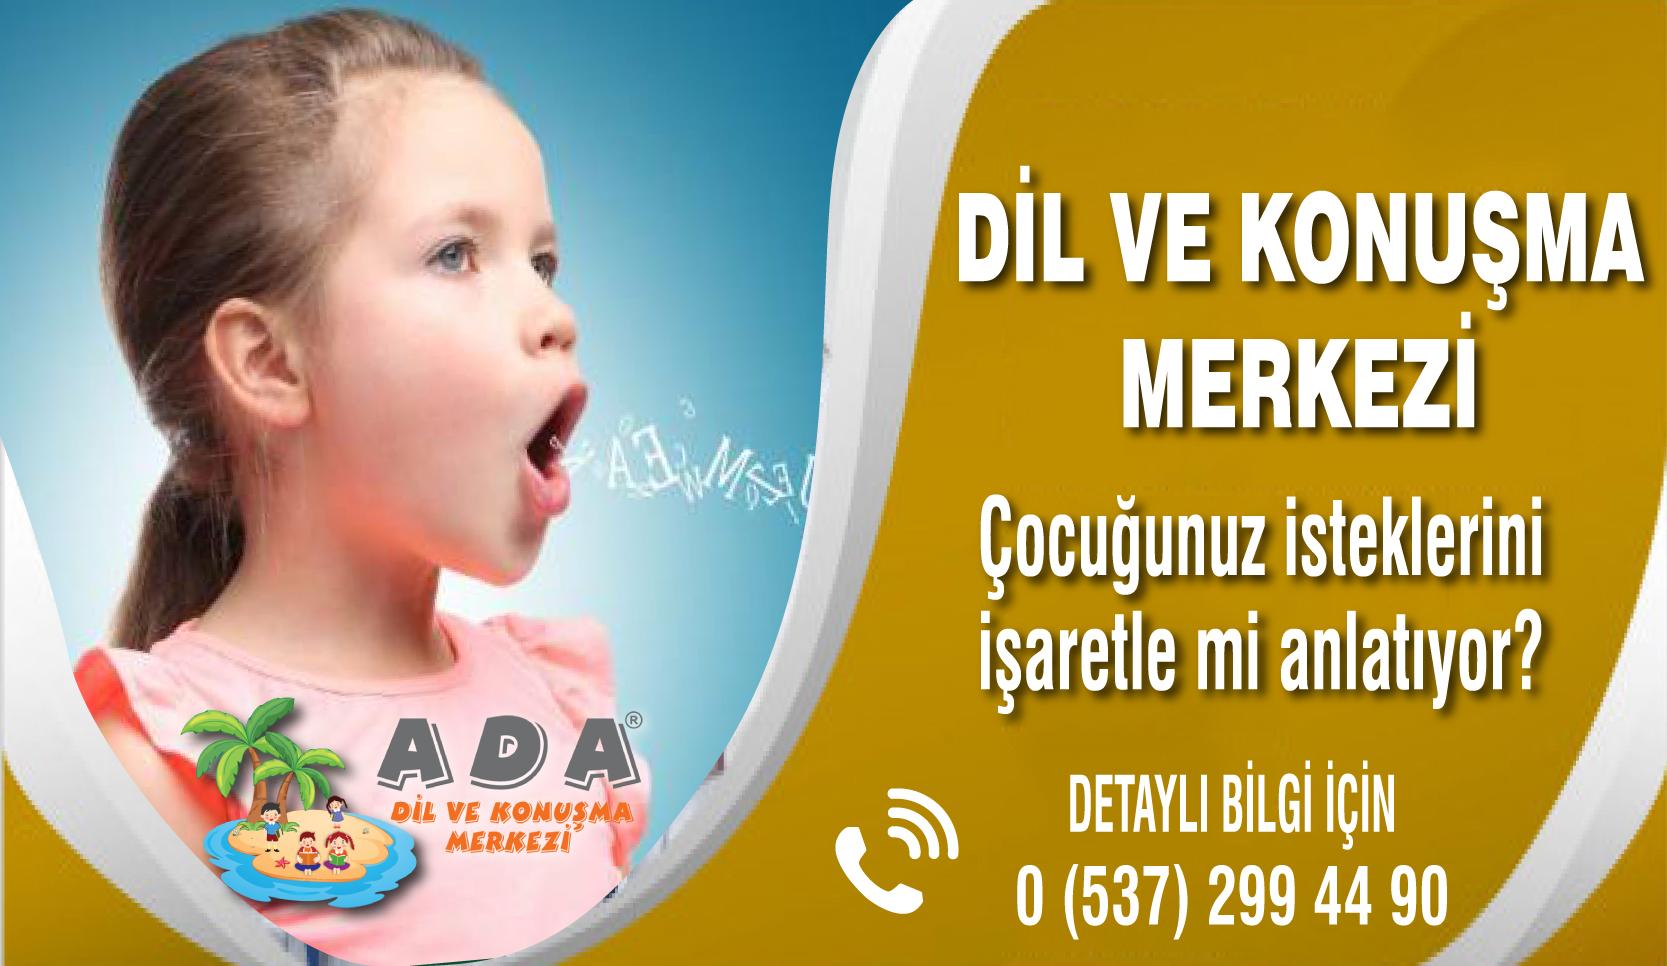 İzmir Dil ve Konuşma Terapisti